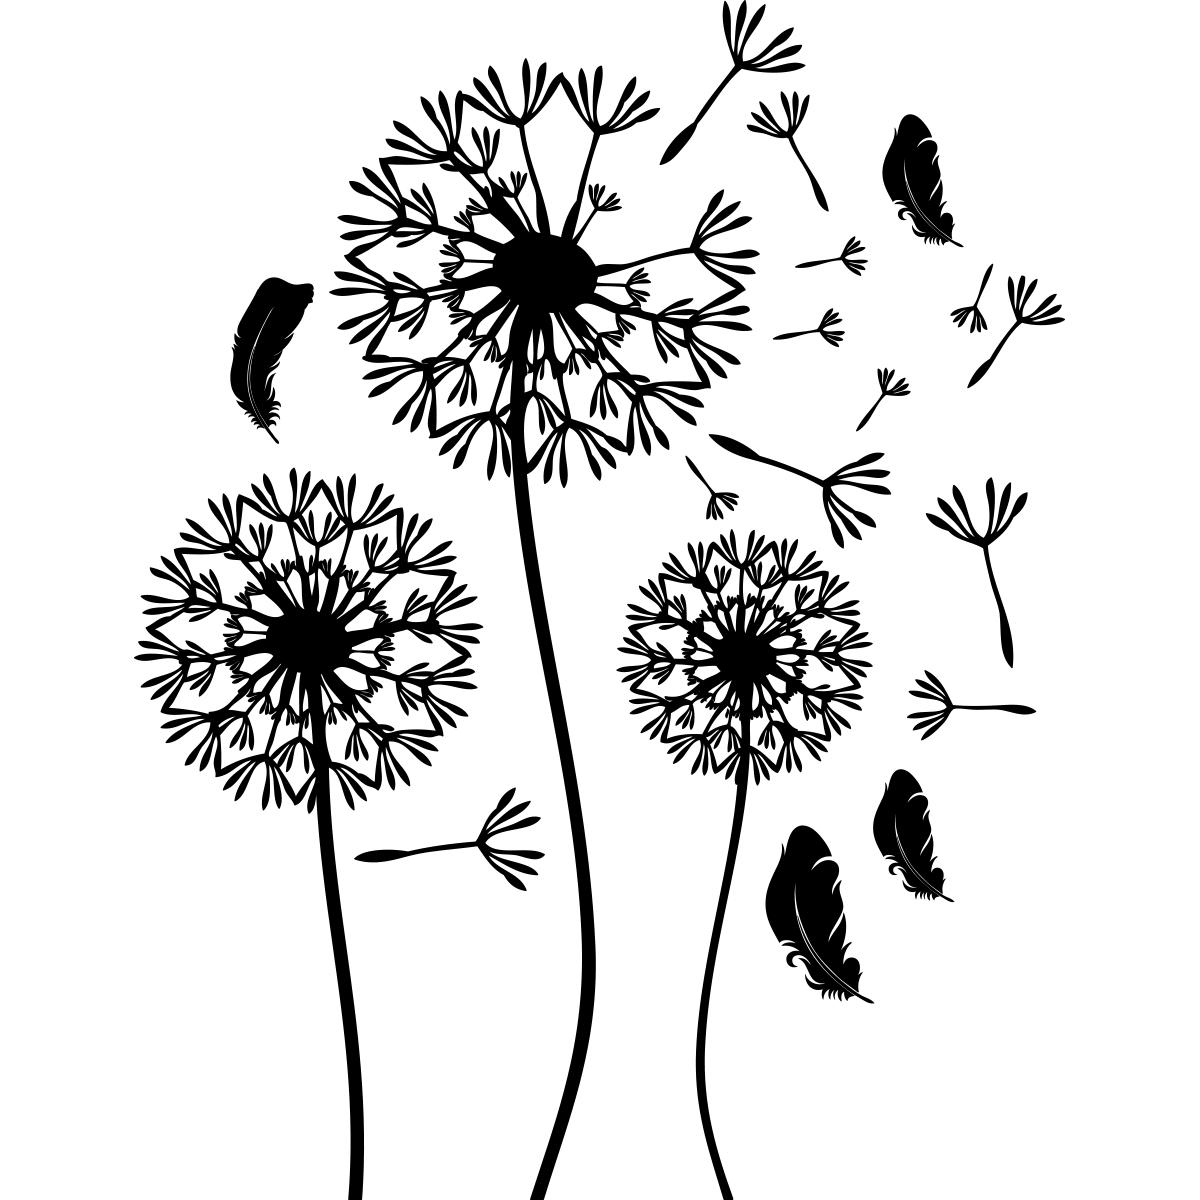 sticker fleurs pissenlits et plumes volantes stickers nature fleurs ambiance sticker. Black Bedroom Furniture Sets. Home Design Ideas